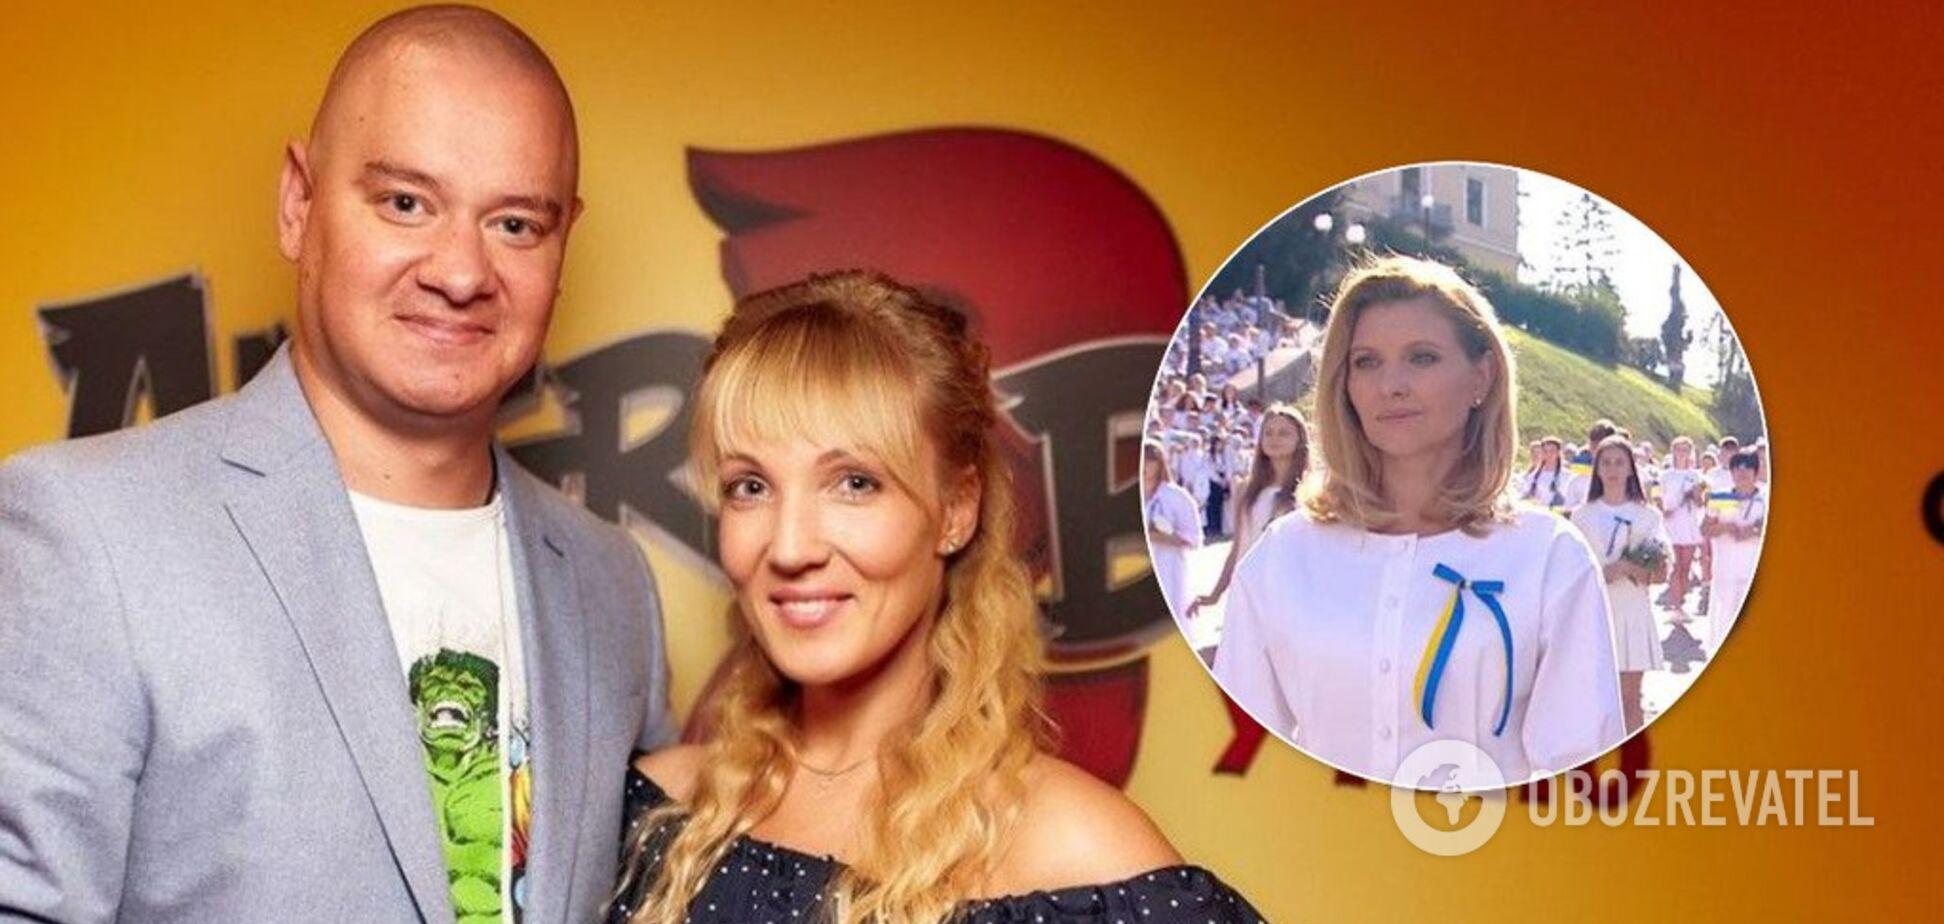 'У мене чоловік актор': ЗМІ дізналися про таємне заняття дружини Кошового